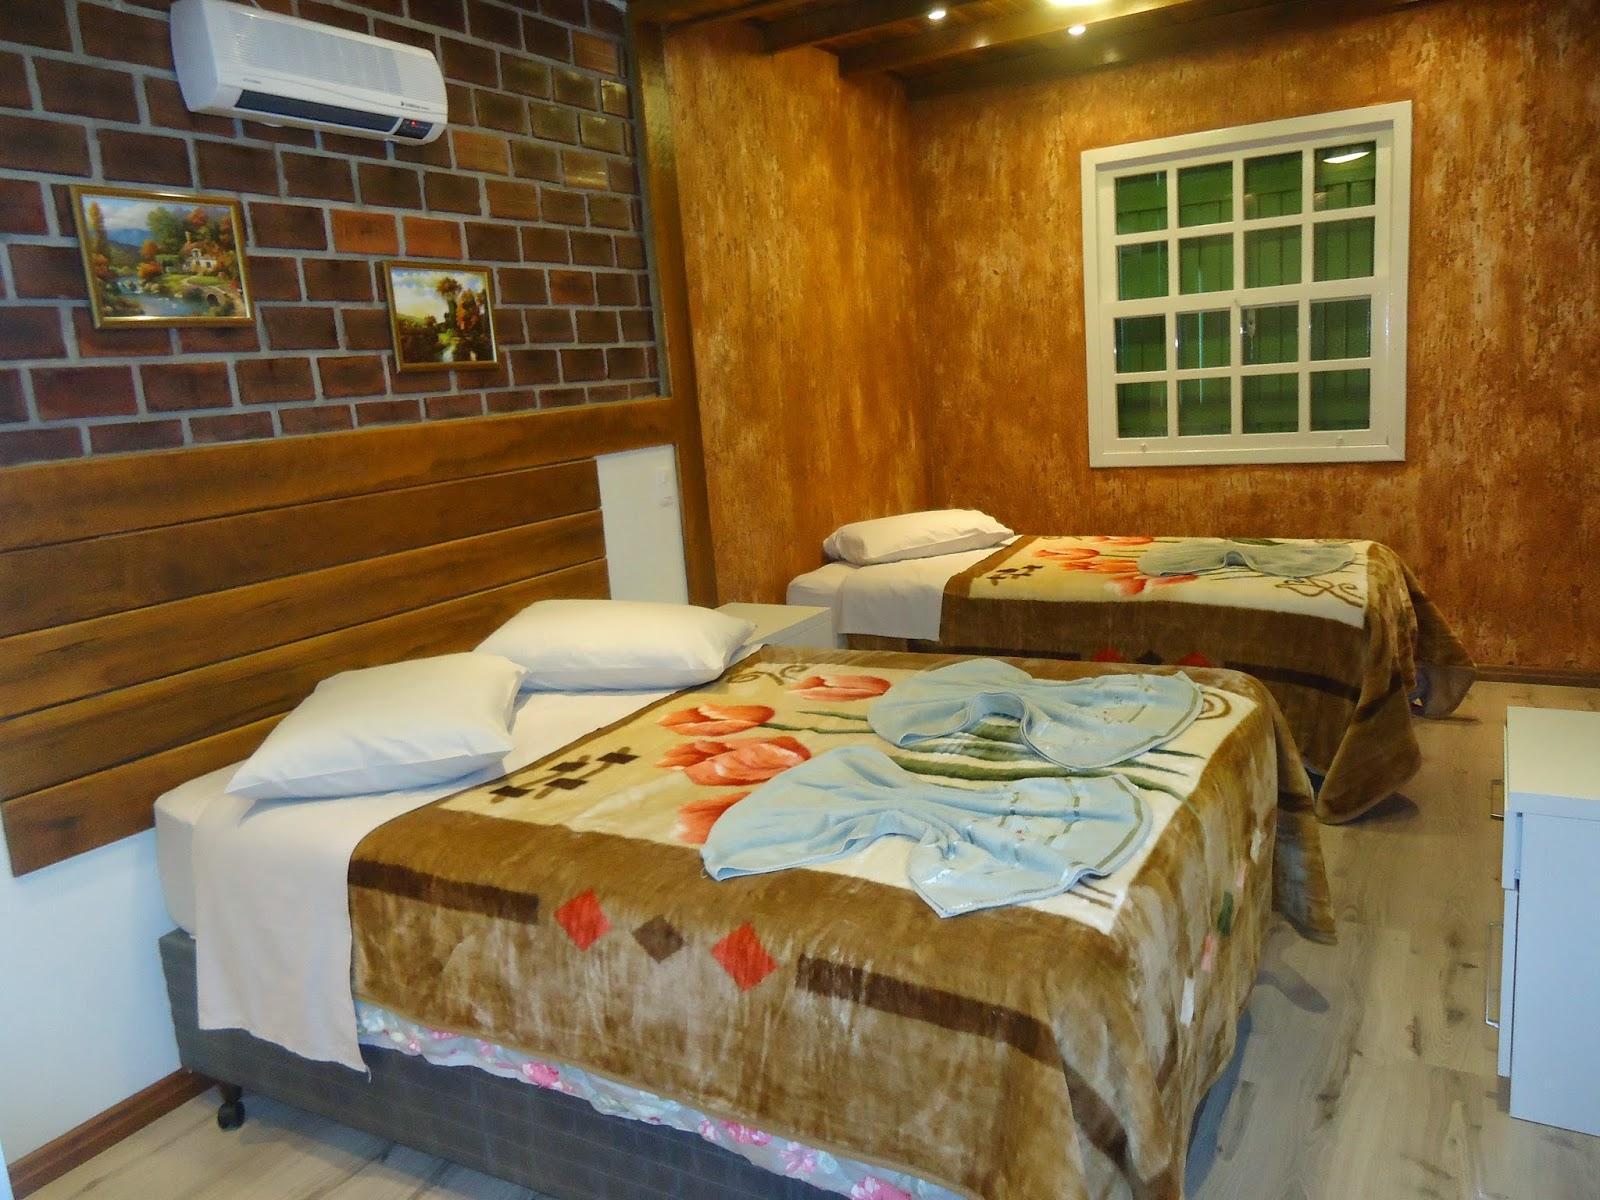 RESIDENCIAL ENCANTADO CANELA: Dezembro 2012 #714110 1600x1200